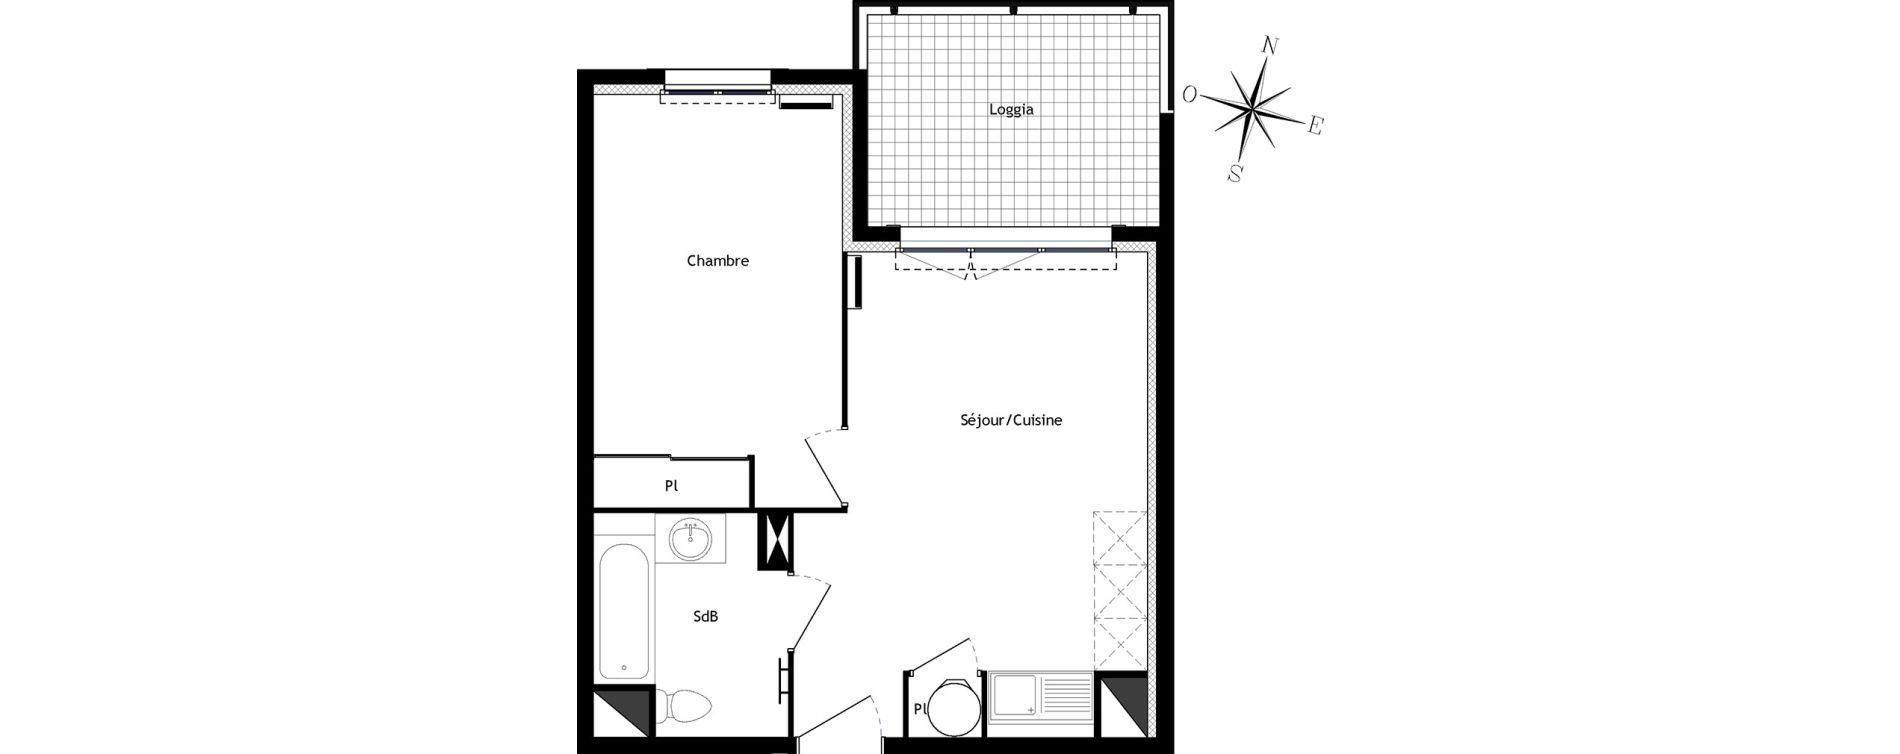 Appartement T2 de 37,88 m2 à Bormes-Les-Mimosas Centre